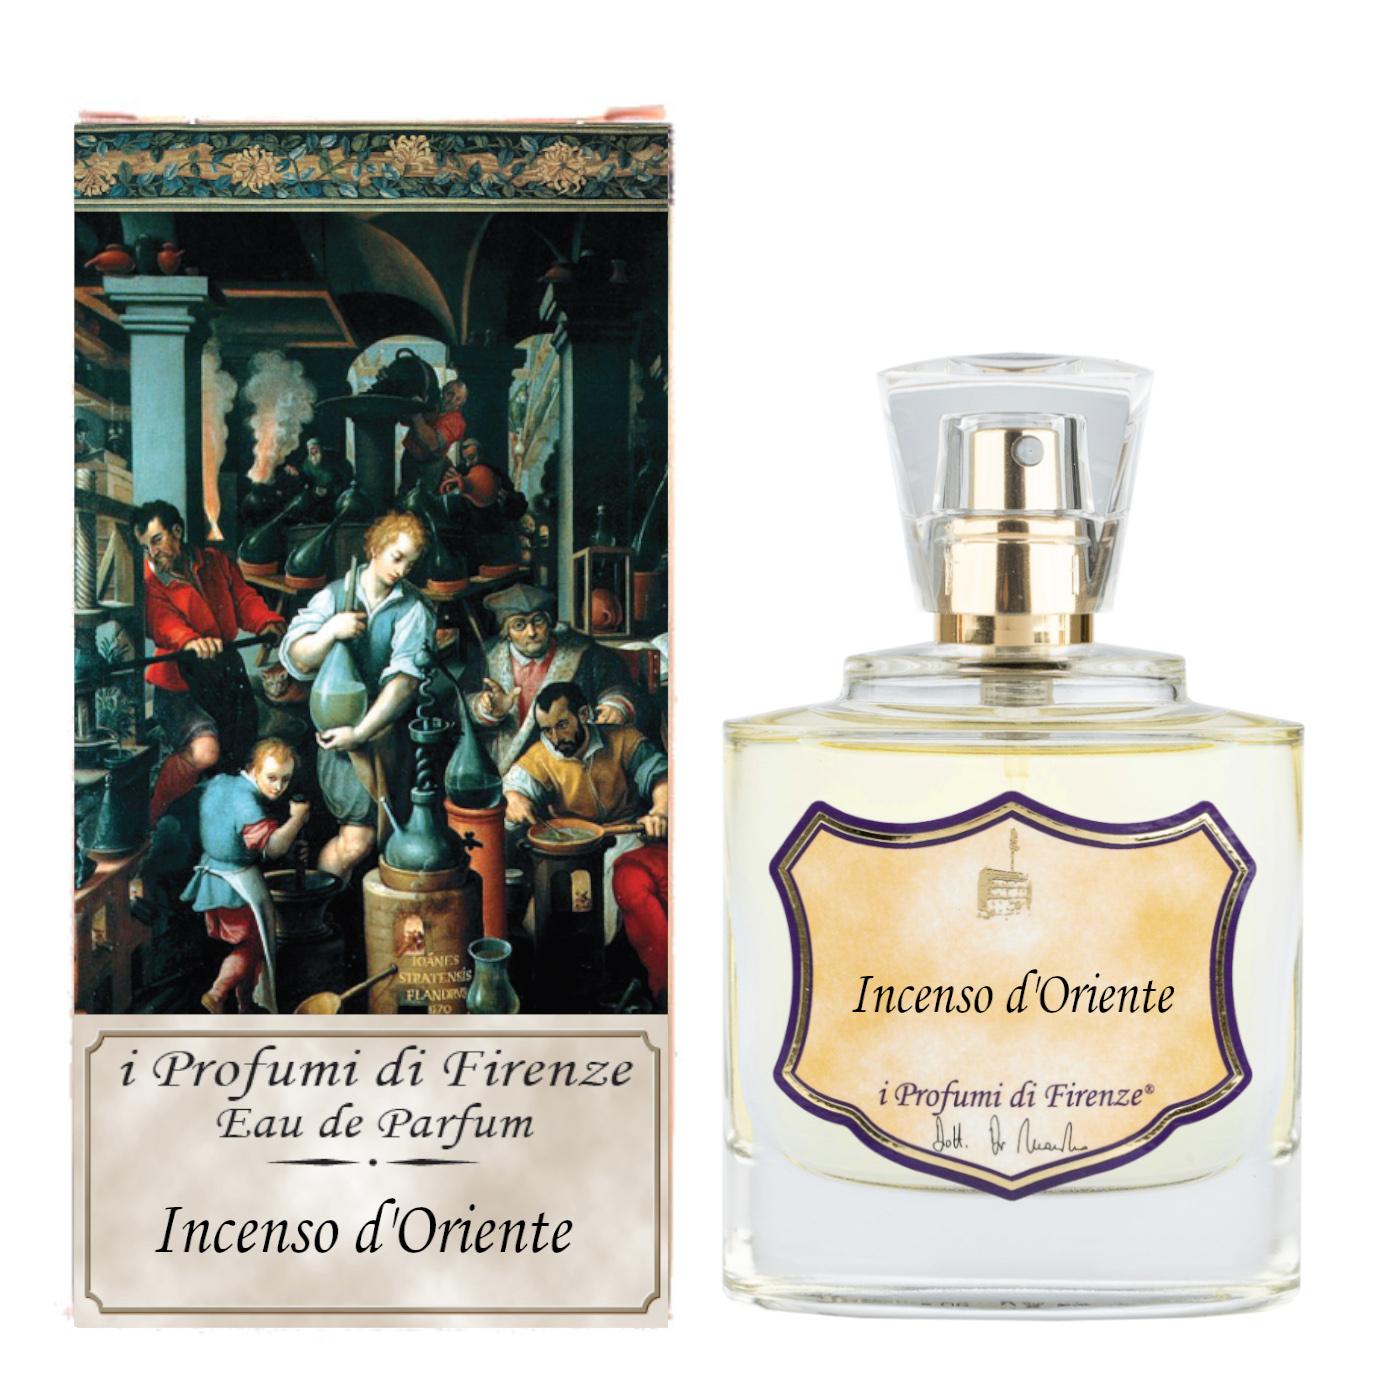 INCENSO D'ORIENTE - Eau de Parfum-4124